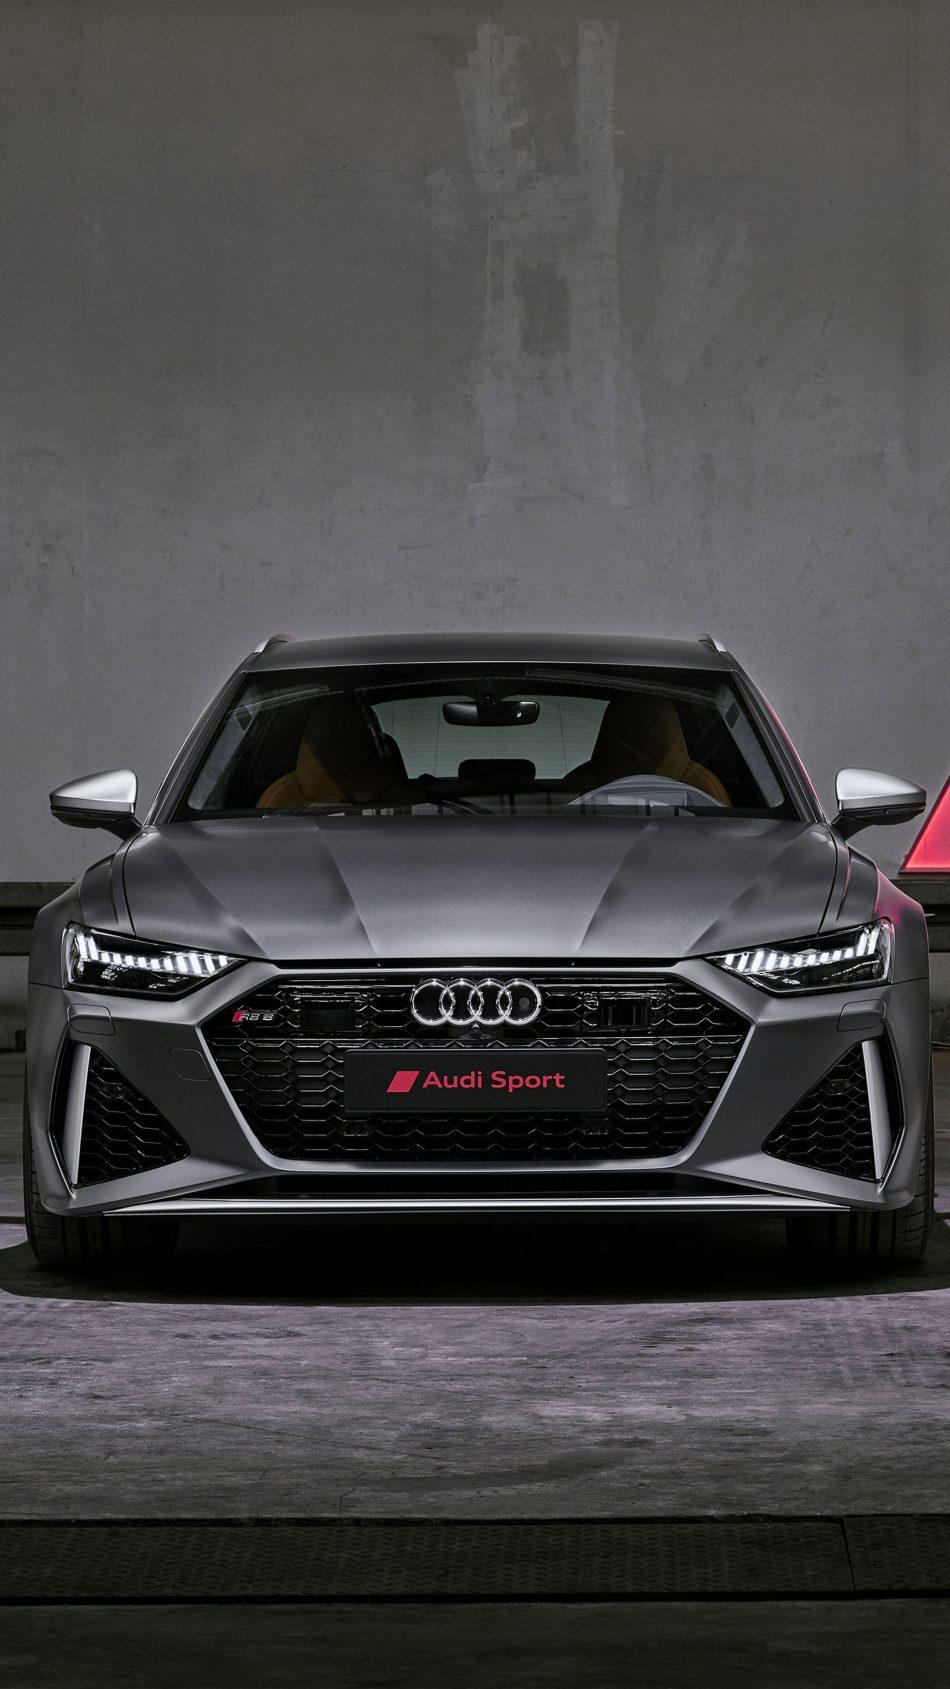 Audi Rs6 2020 Wallpaper Phone 576x1024 Download Hd Wallpaper Wallpapertip